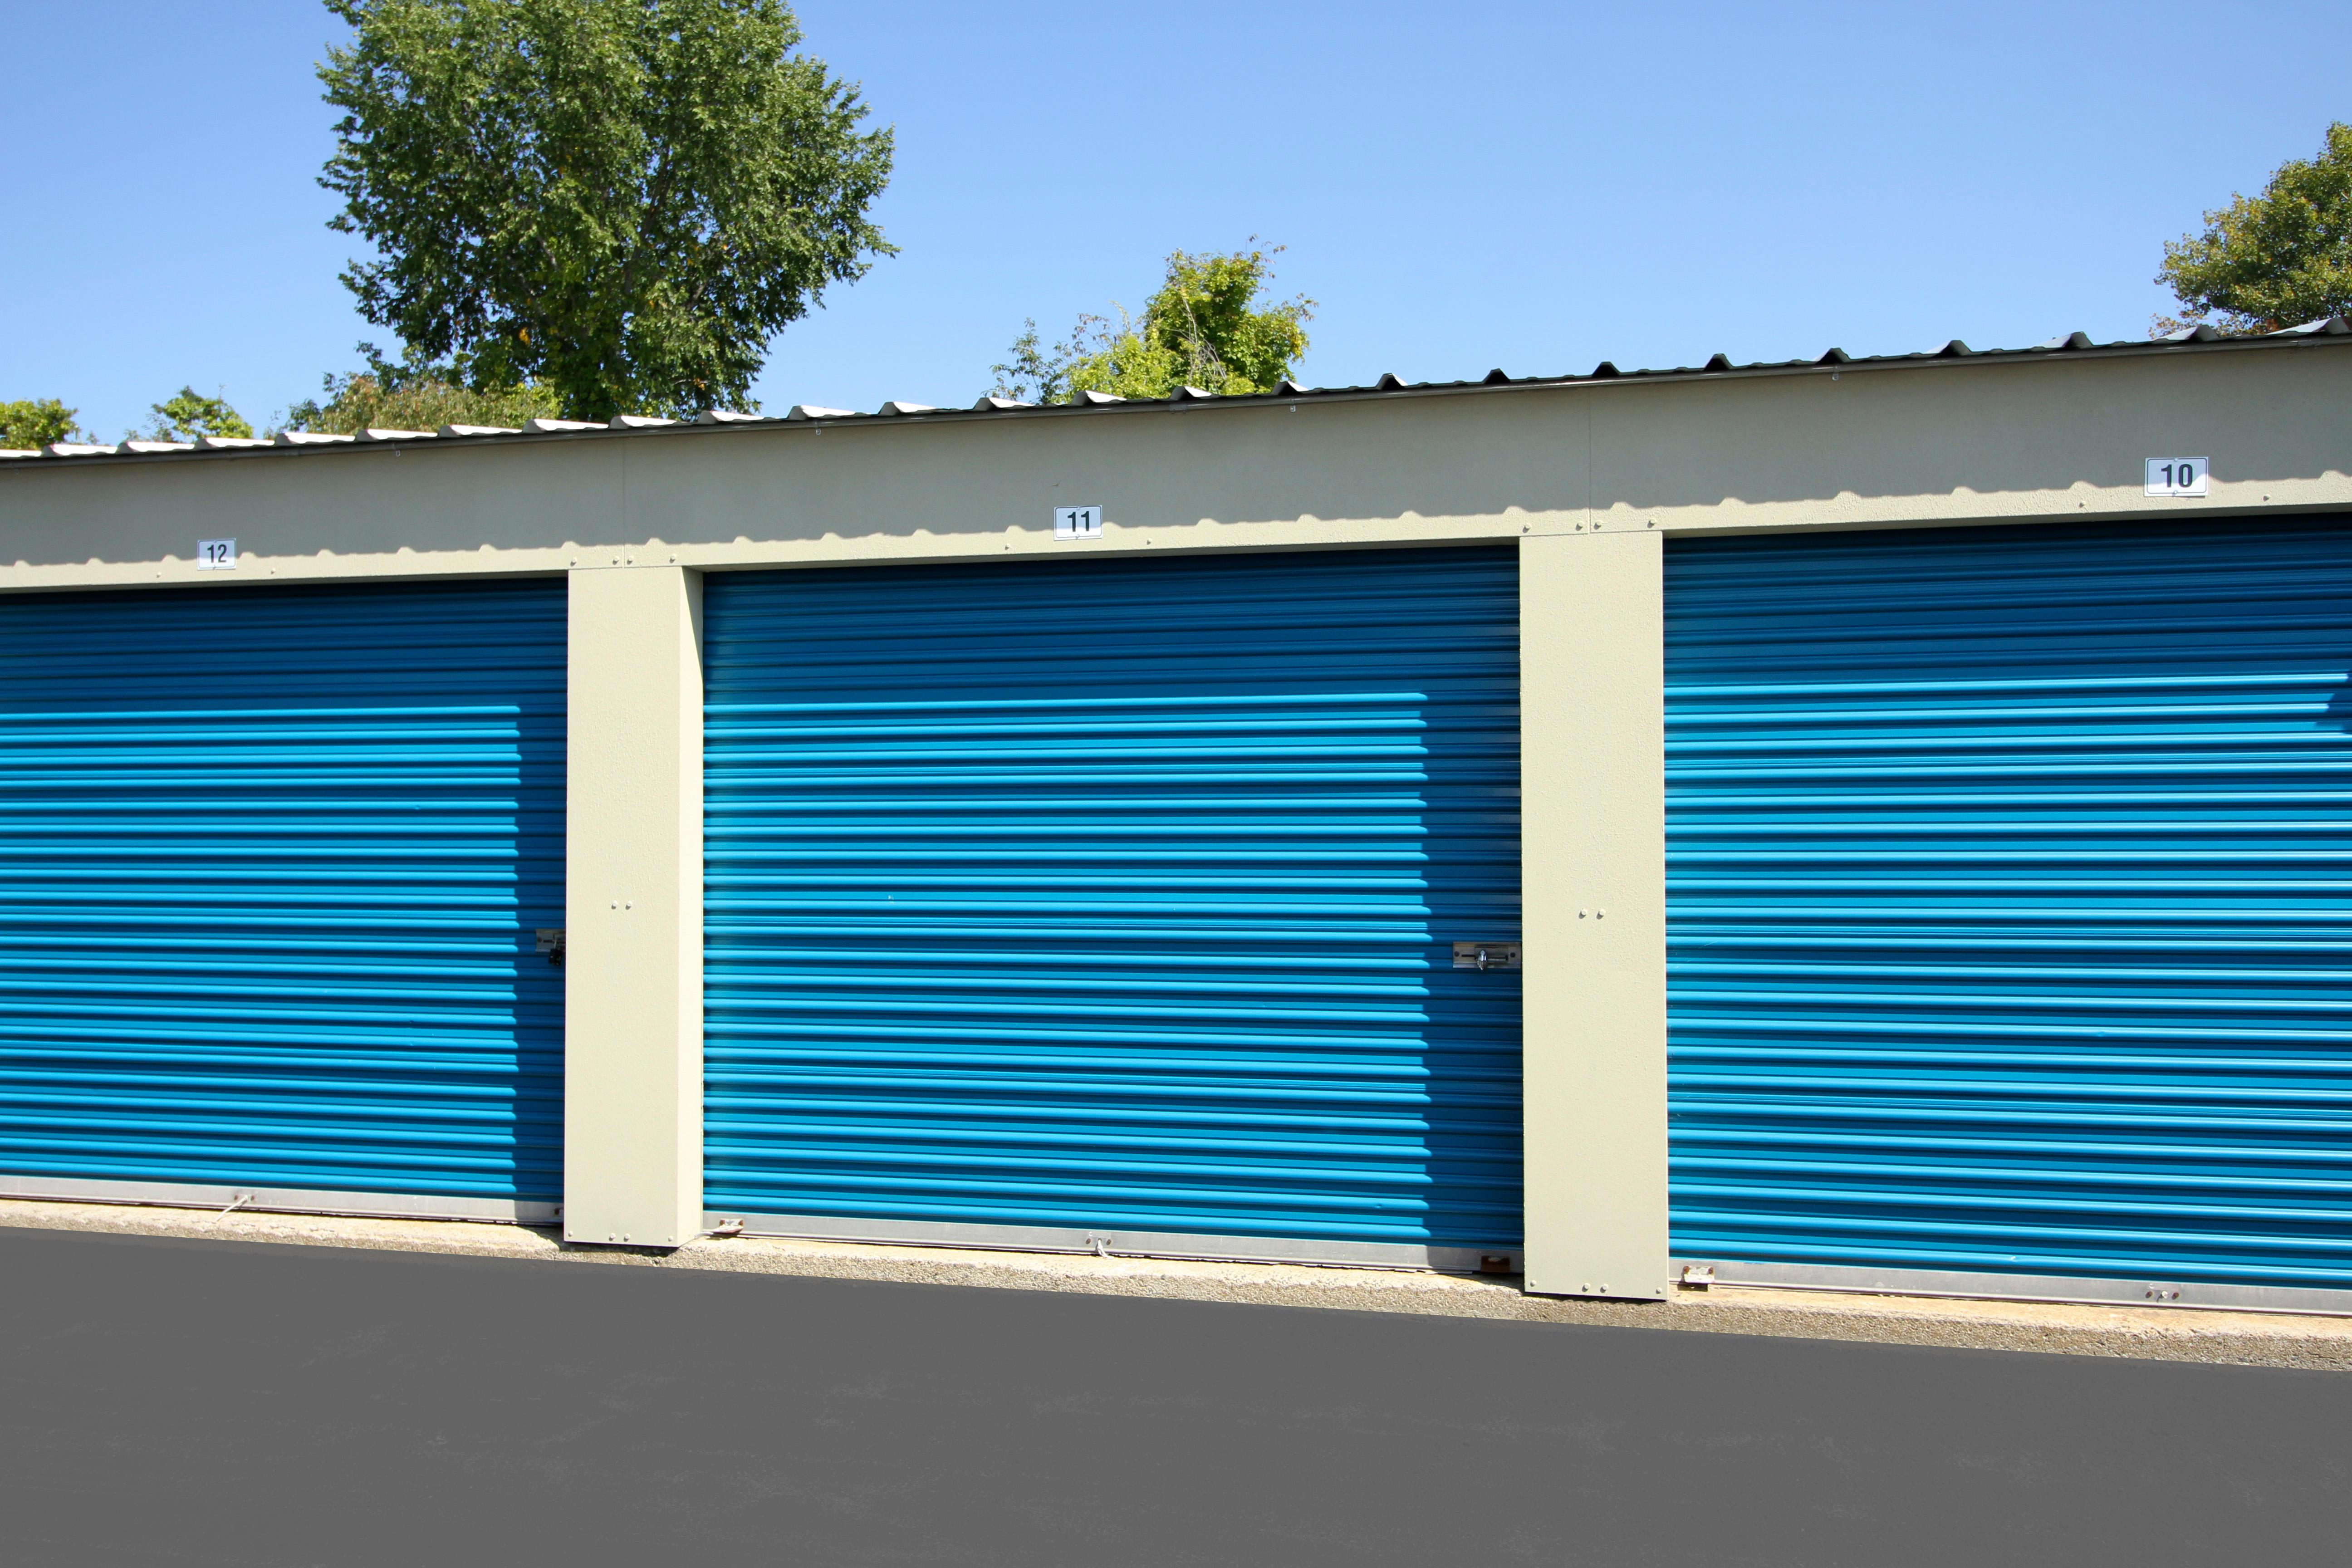 Londonderry Self Storage Londonderry Nh 03053